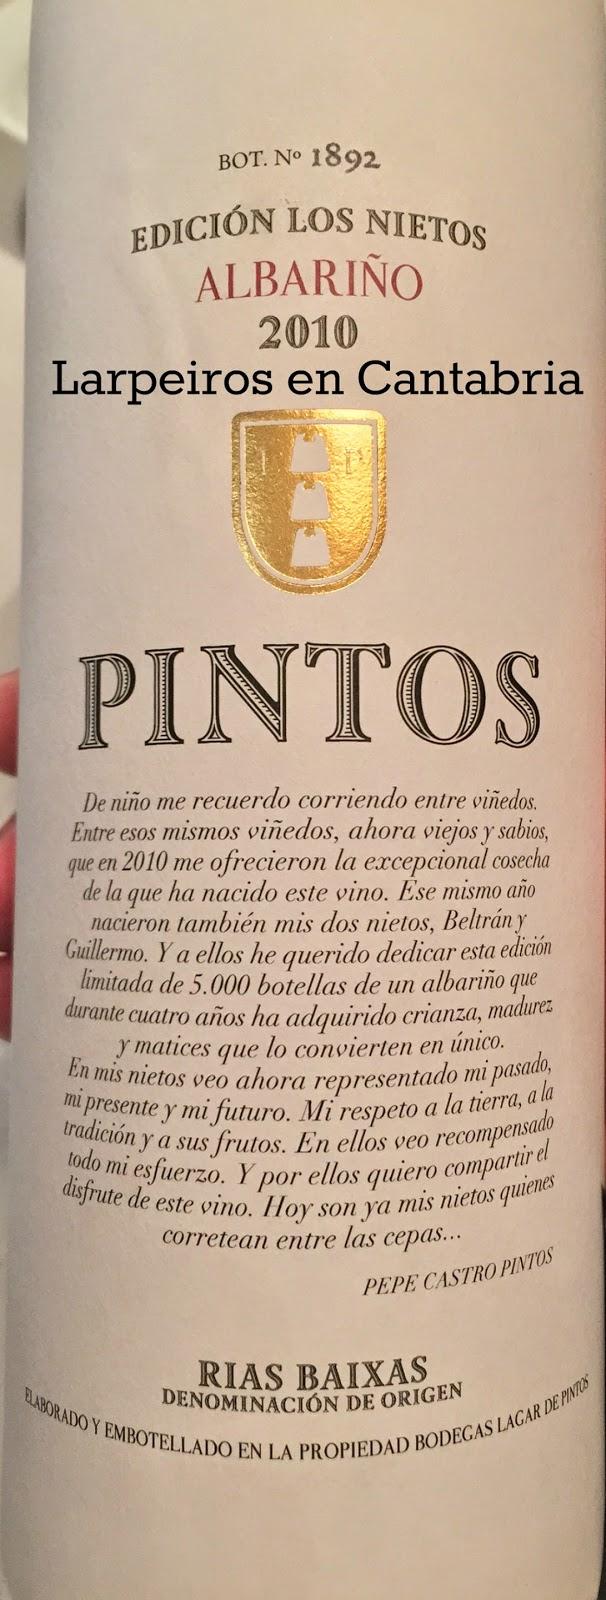 Vino Blanco Lagar de Pintos 2010 Edición Los Nietos: Por fin está aquí